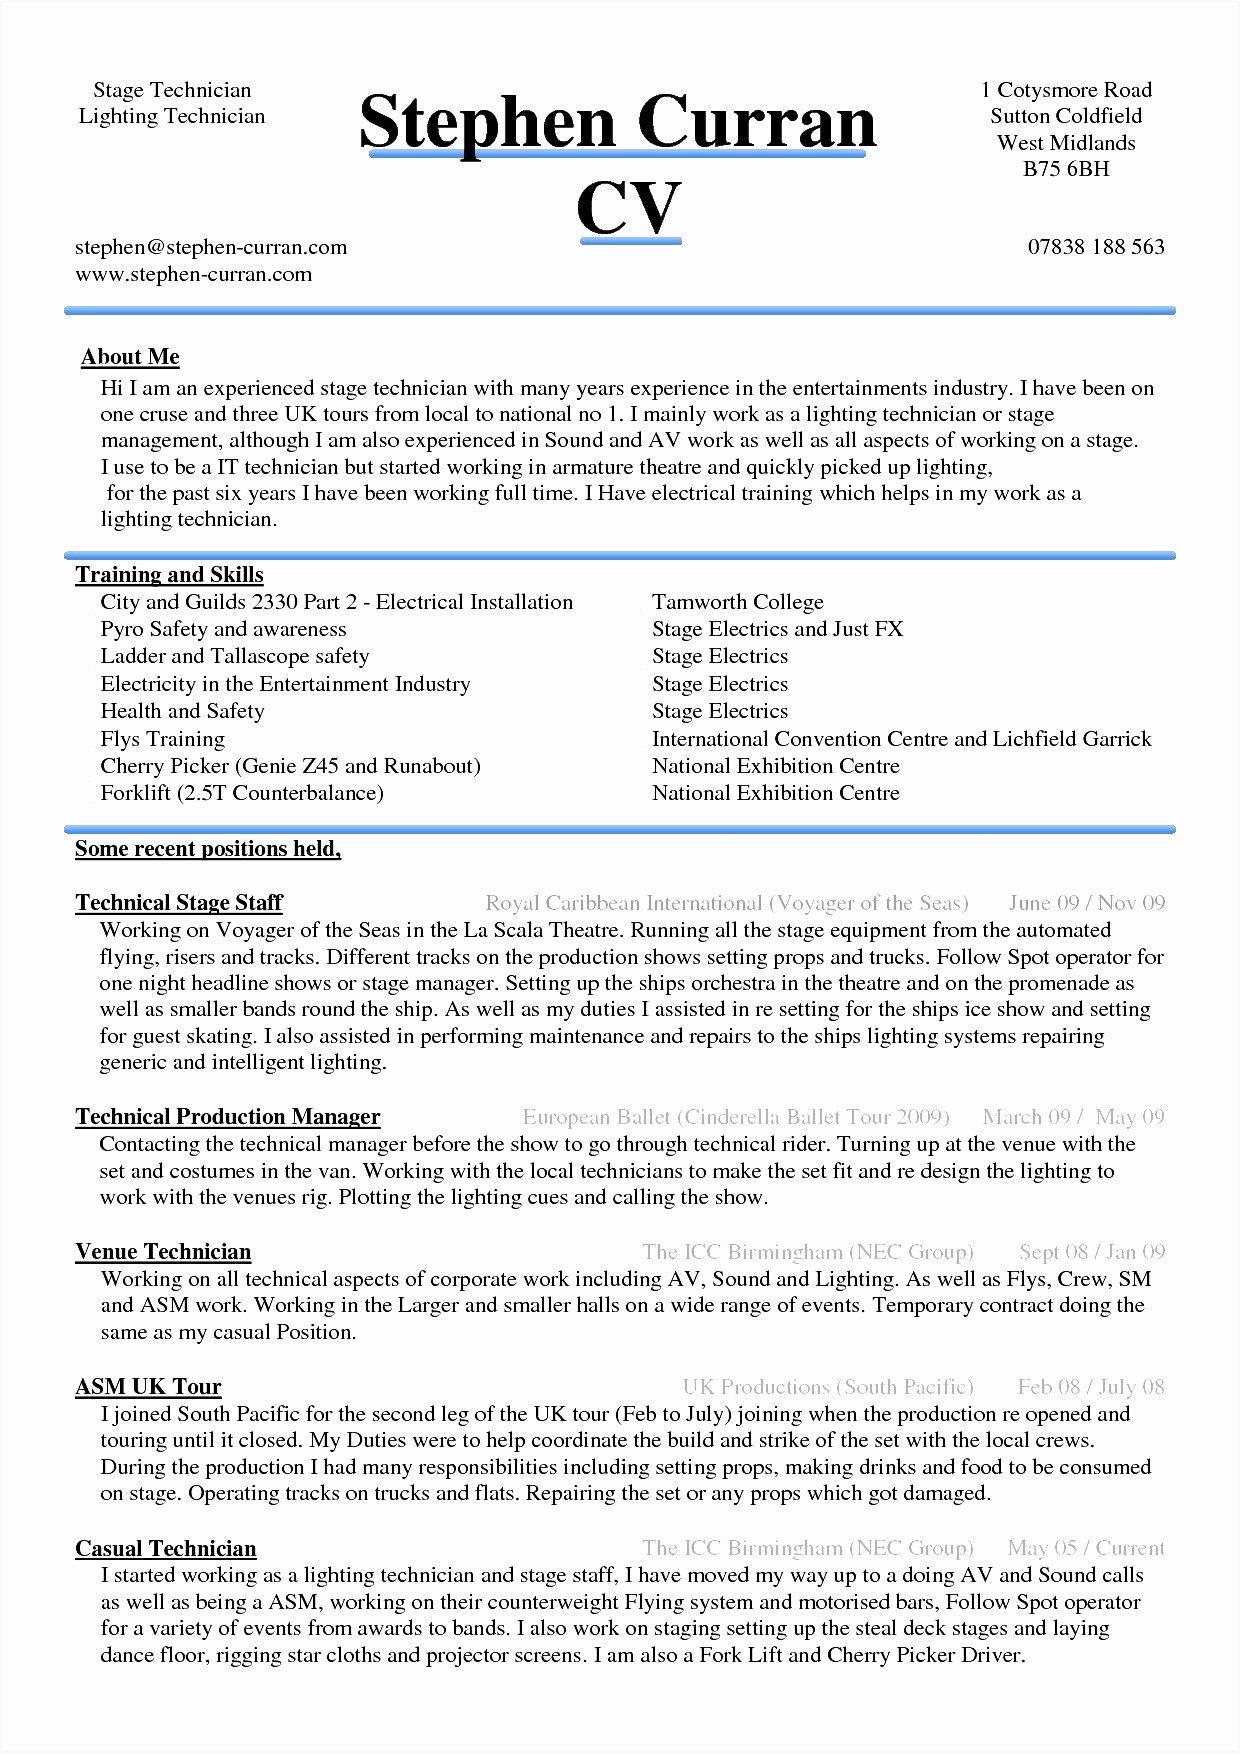 Federal Resume Template Word Luxury 6 Resume Template Word